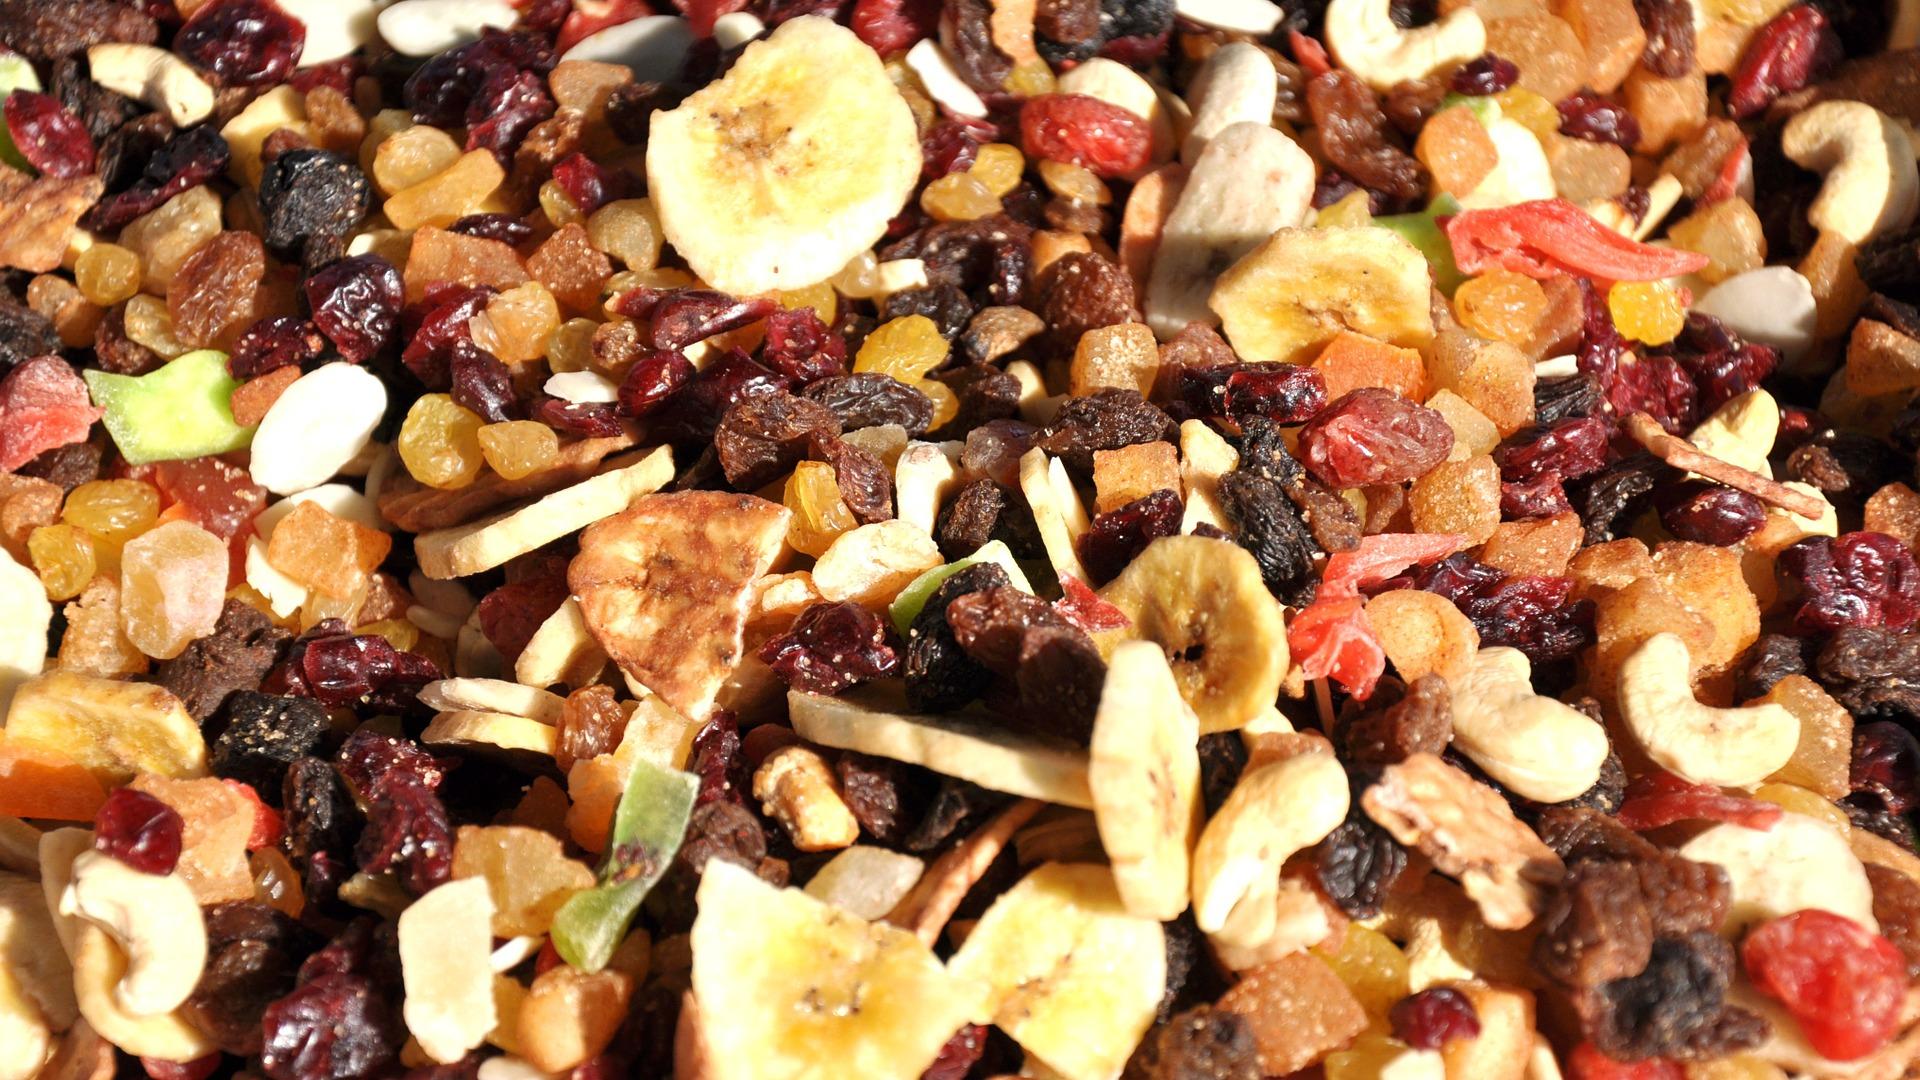 Imagem de vários tipos de frutas desidratadas e secas